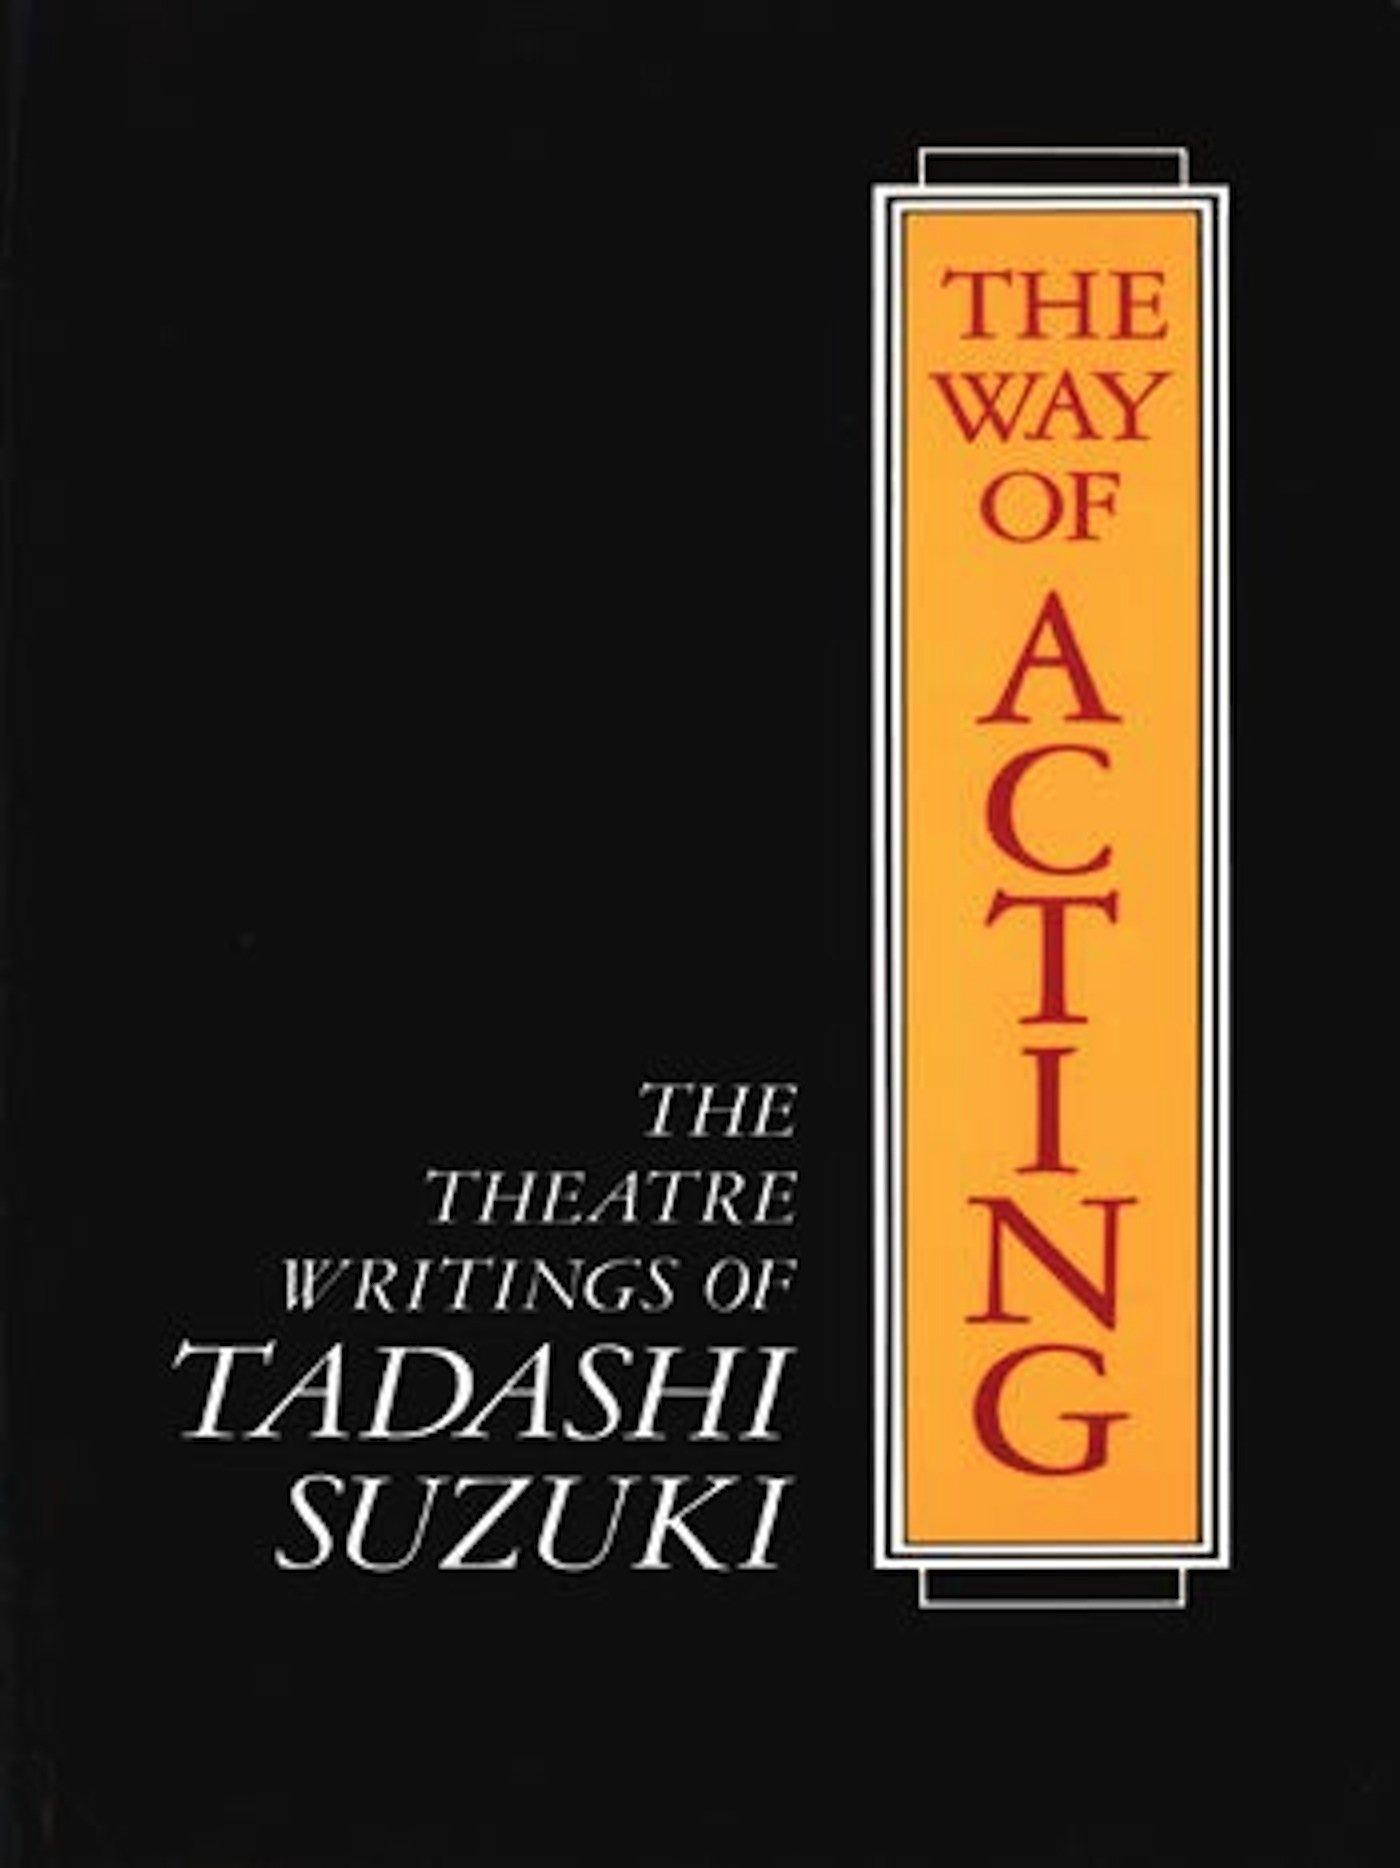 tadashi suzuki acting method